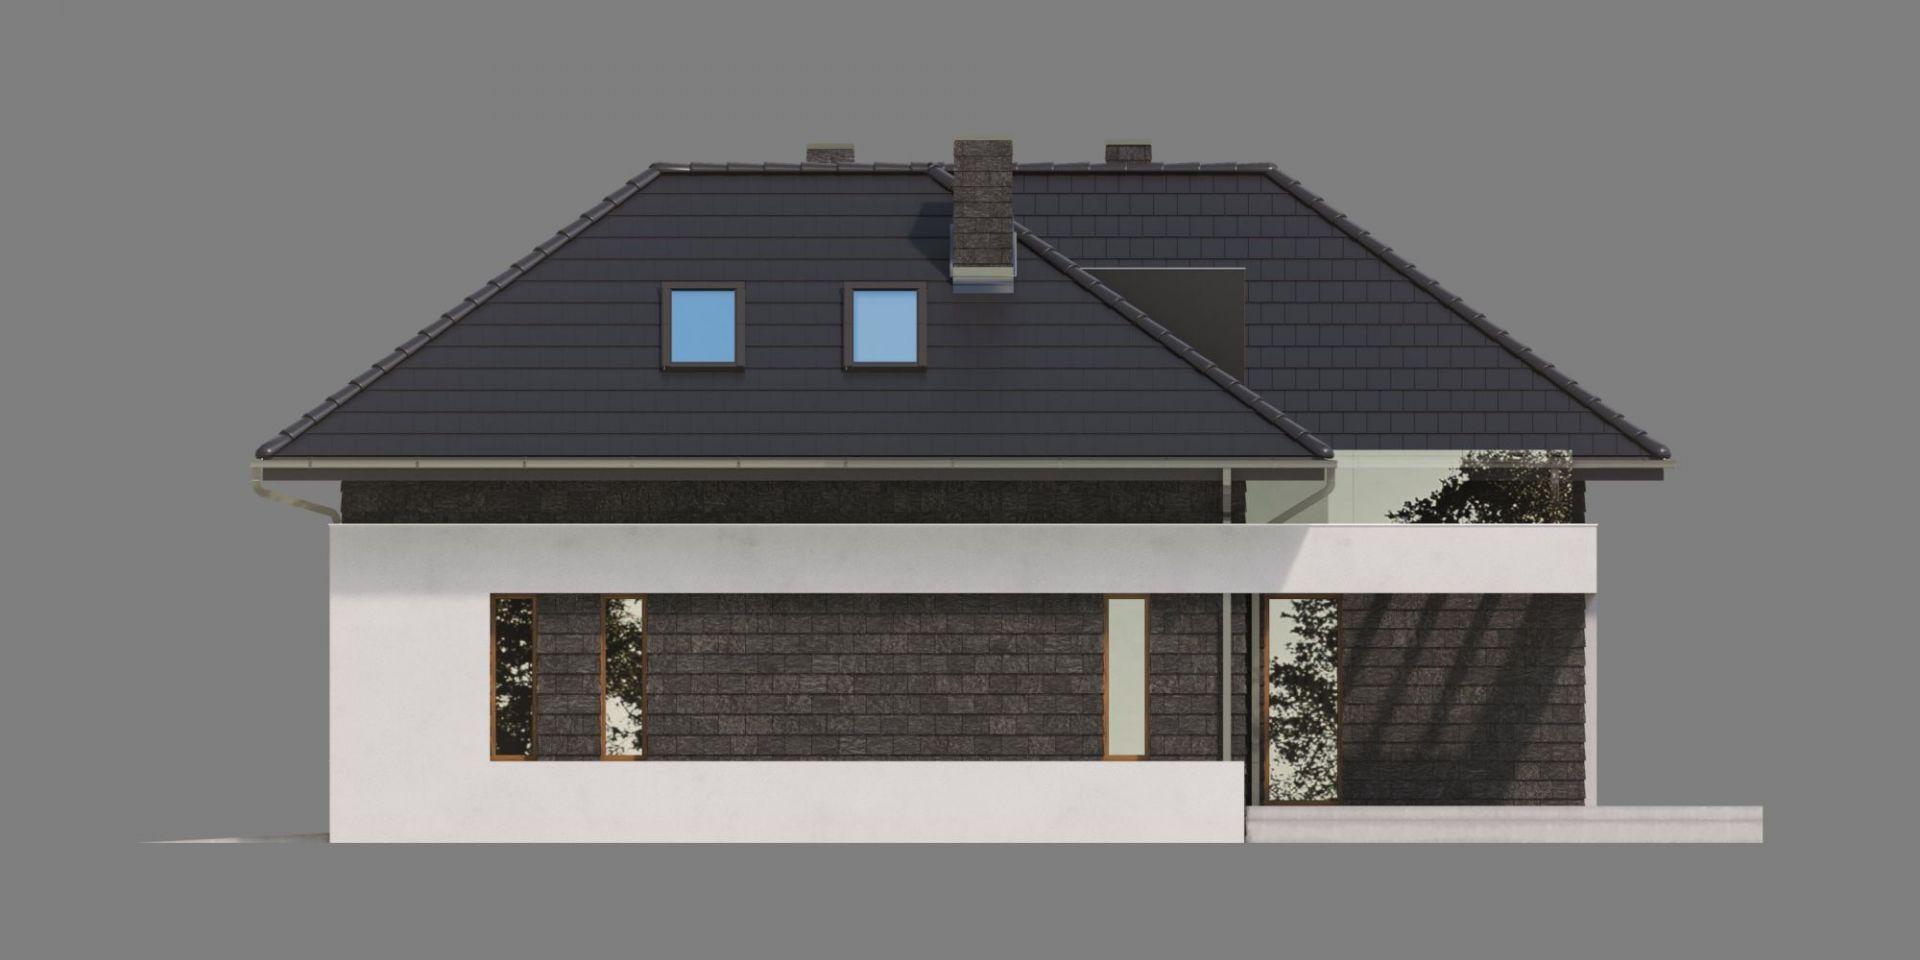 Elewacja boczna. Dom HomeKoncept 13. Projekt i zdjęcia: HomeKoncept